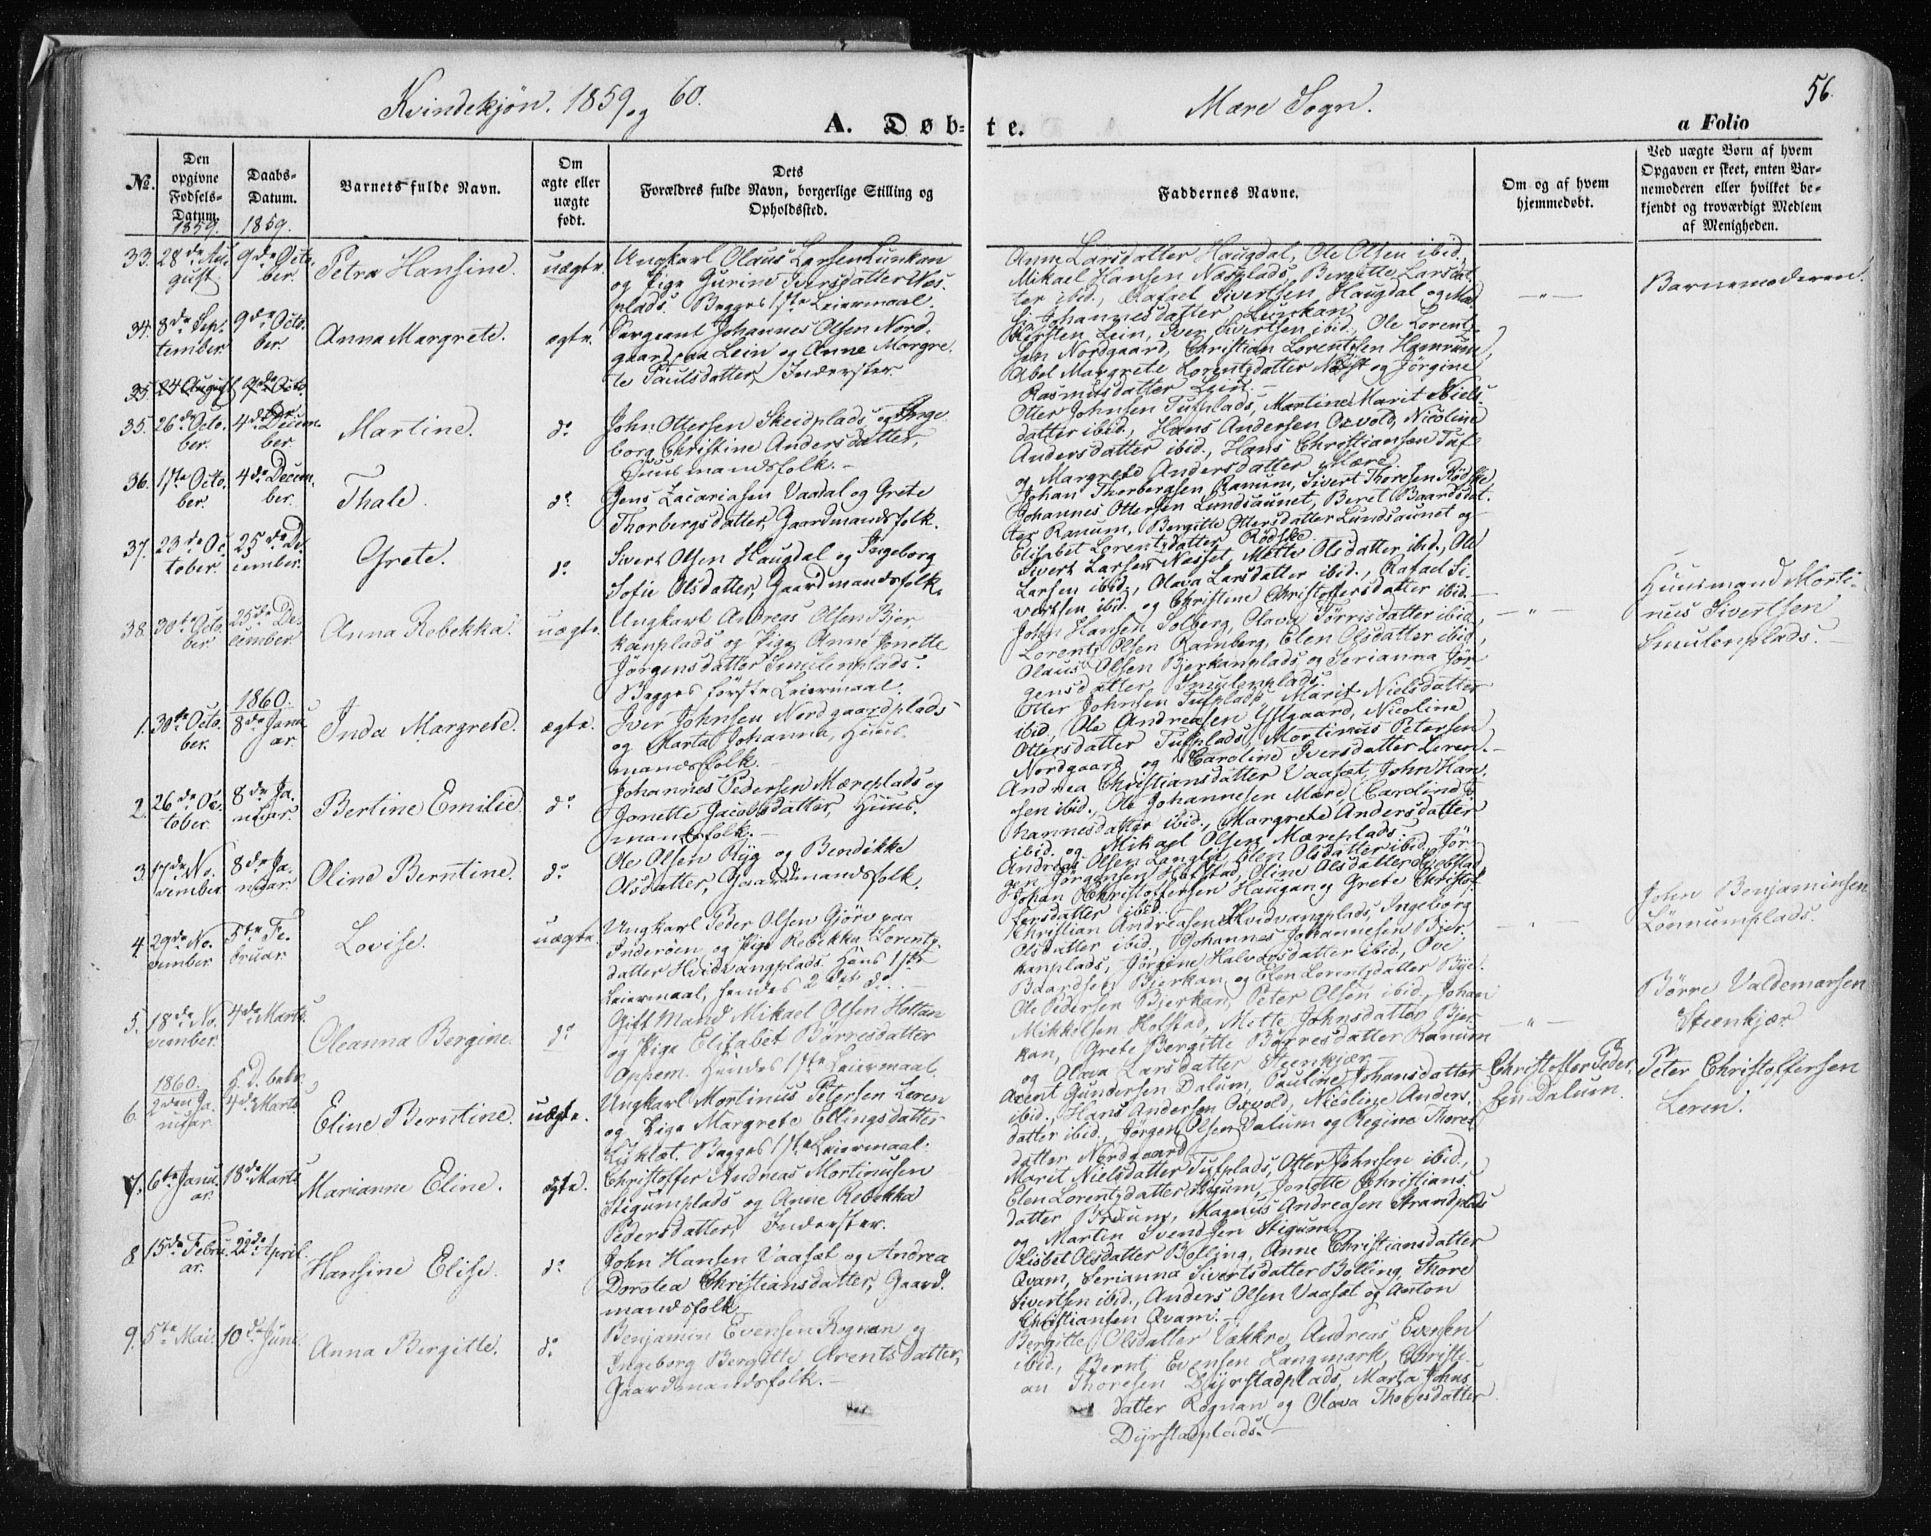 SAT, Ministerialprotokoller, klokkerbøker og fødselsregistre - Nord-Trøndelag, 735/L0342: Ministerialbok nr. 735A07 /1, 1849-1862, s. 56